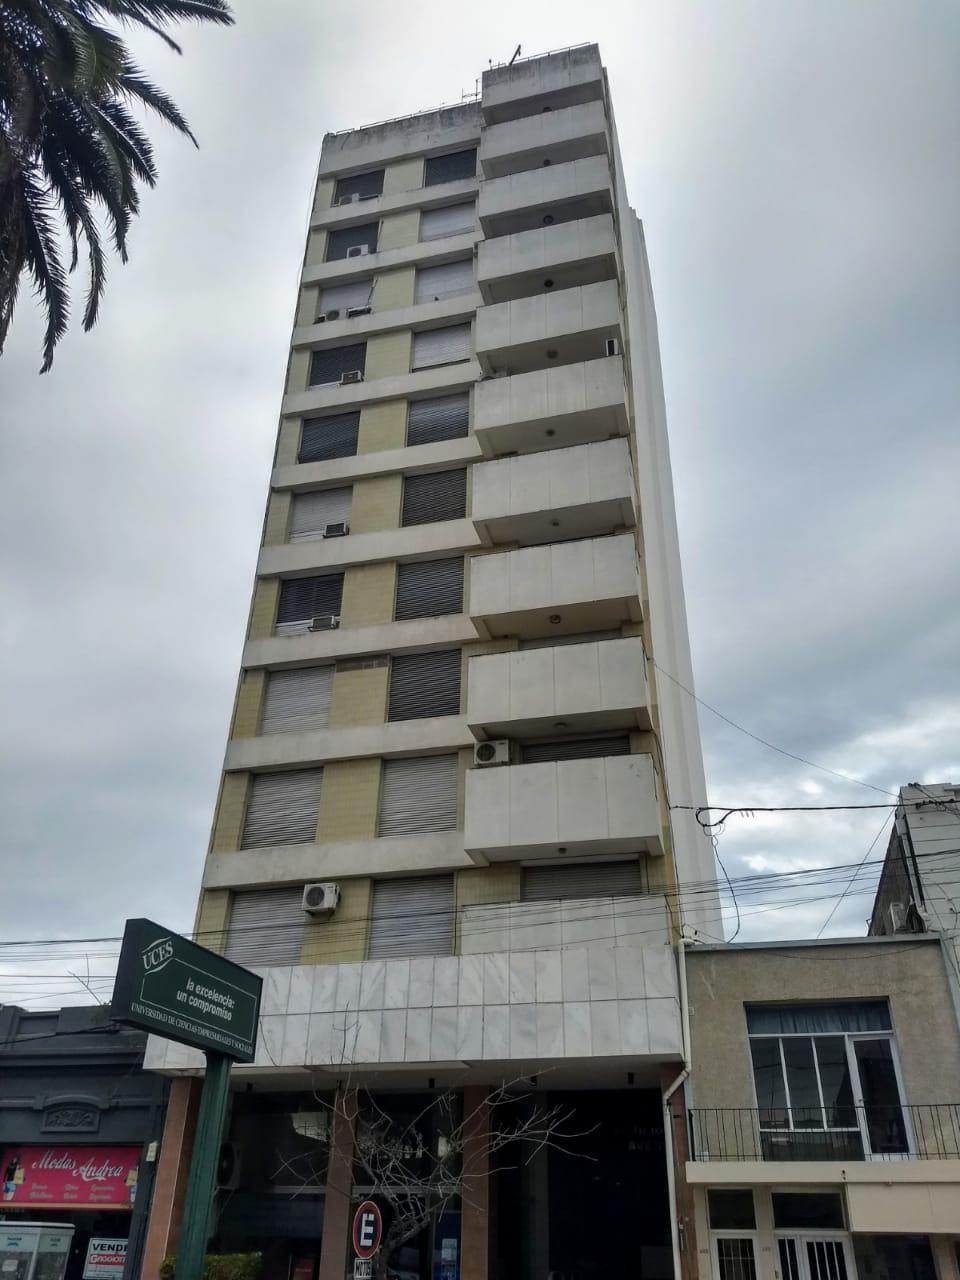 Edificio Avenida 7º Piso - Gaggiotti Inmobiliaria cuenta con más de 50 años desde que se inicio en el negocio de los servicios inmobiliarios.